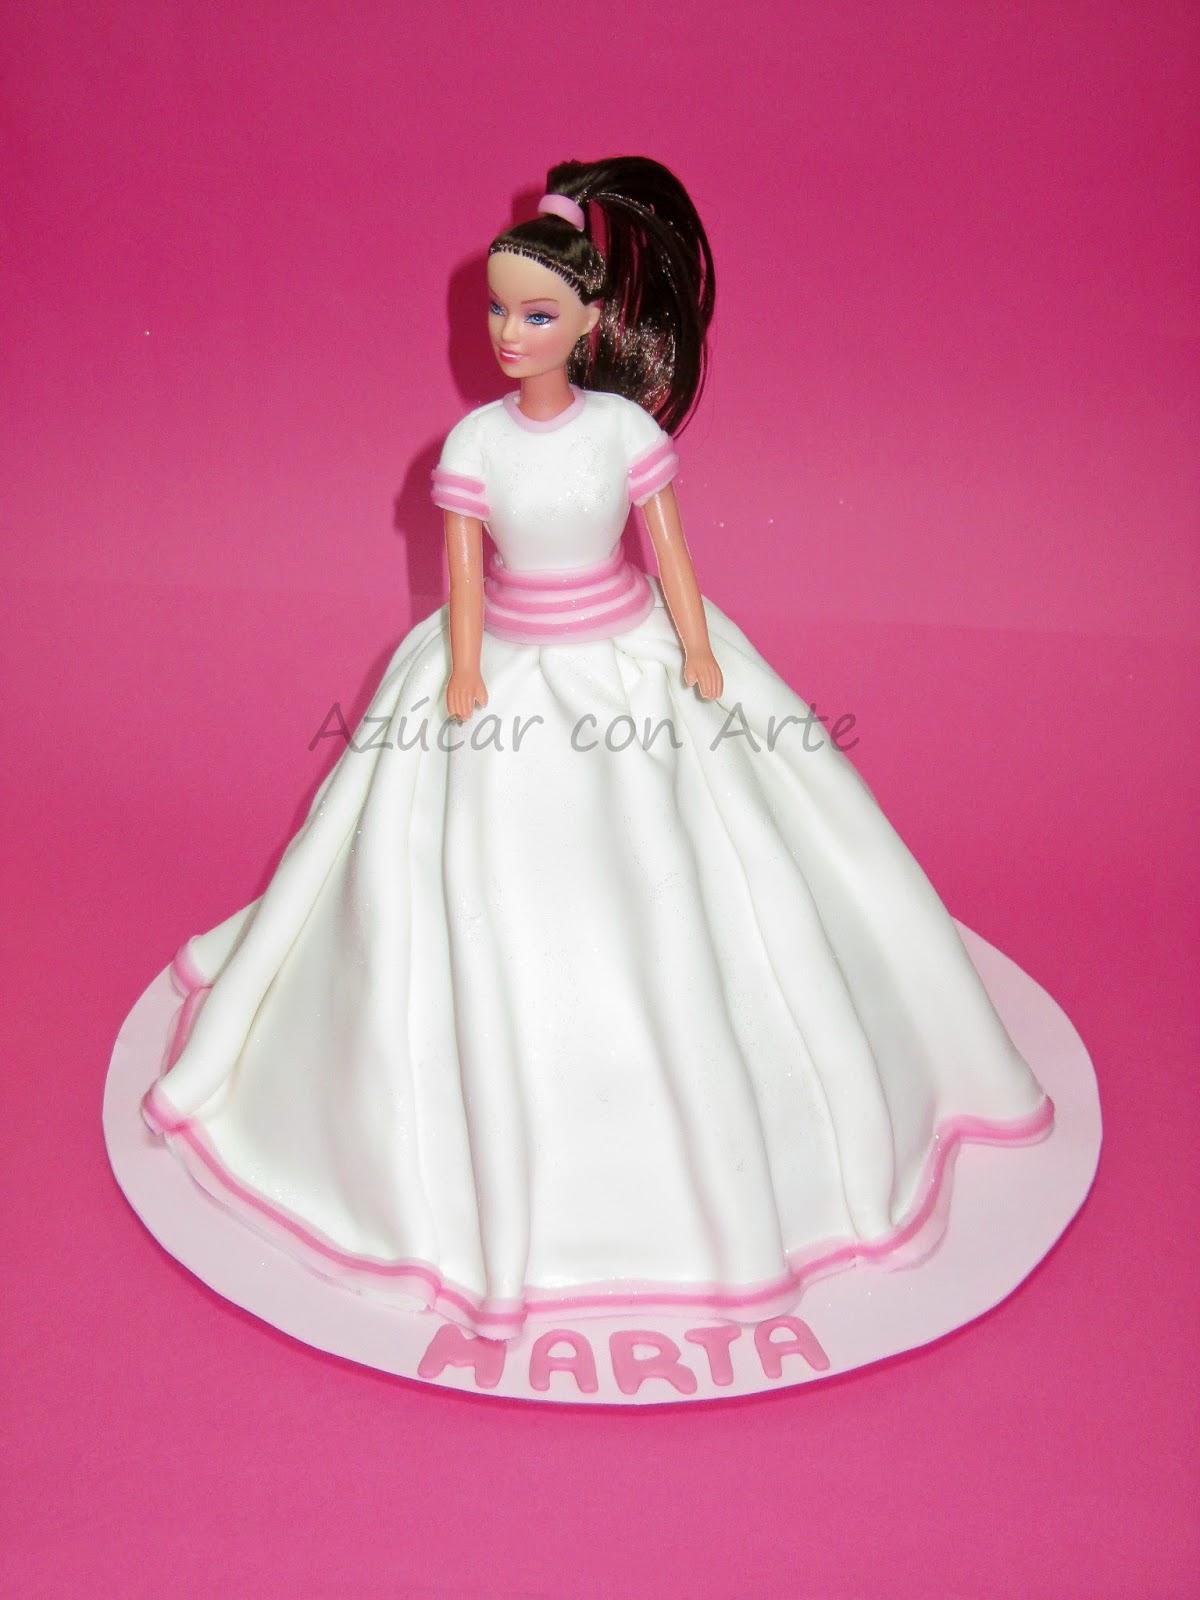 tarta barbie, tarta princesa, tarta comunion, barbie cake, princess cake, tarta sin gluten, gluten free cake| azucar con arte